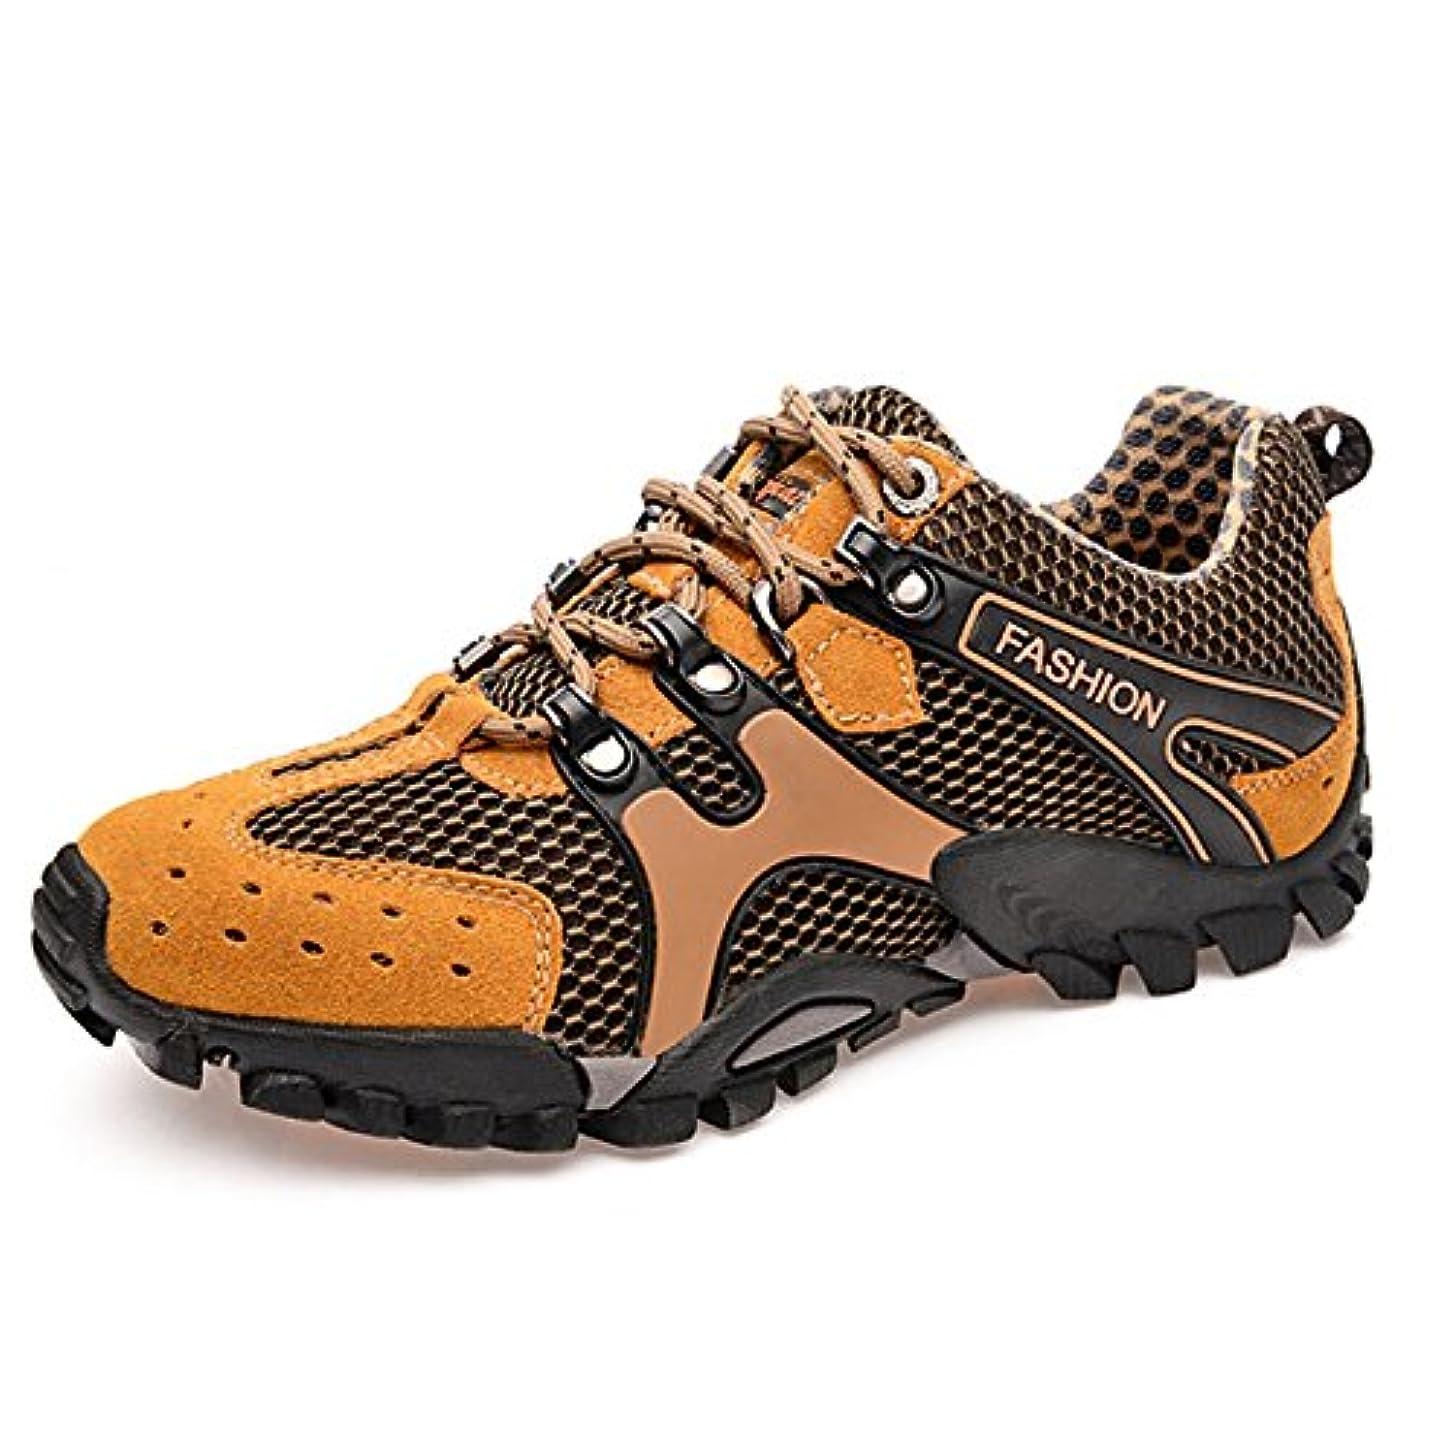 細部棚喜んでアウトドアシューズ トレッキングシューズ レディース メンズ/ローカット 4e ハイキングシューズ メンズ 登山靴 24.0cm 24.5cm 25.0cm 25.5cm 26.0cm 26.5cm 27.0cm 27.5cm 28.0cm 「イノヤ」